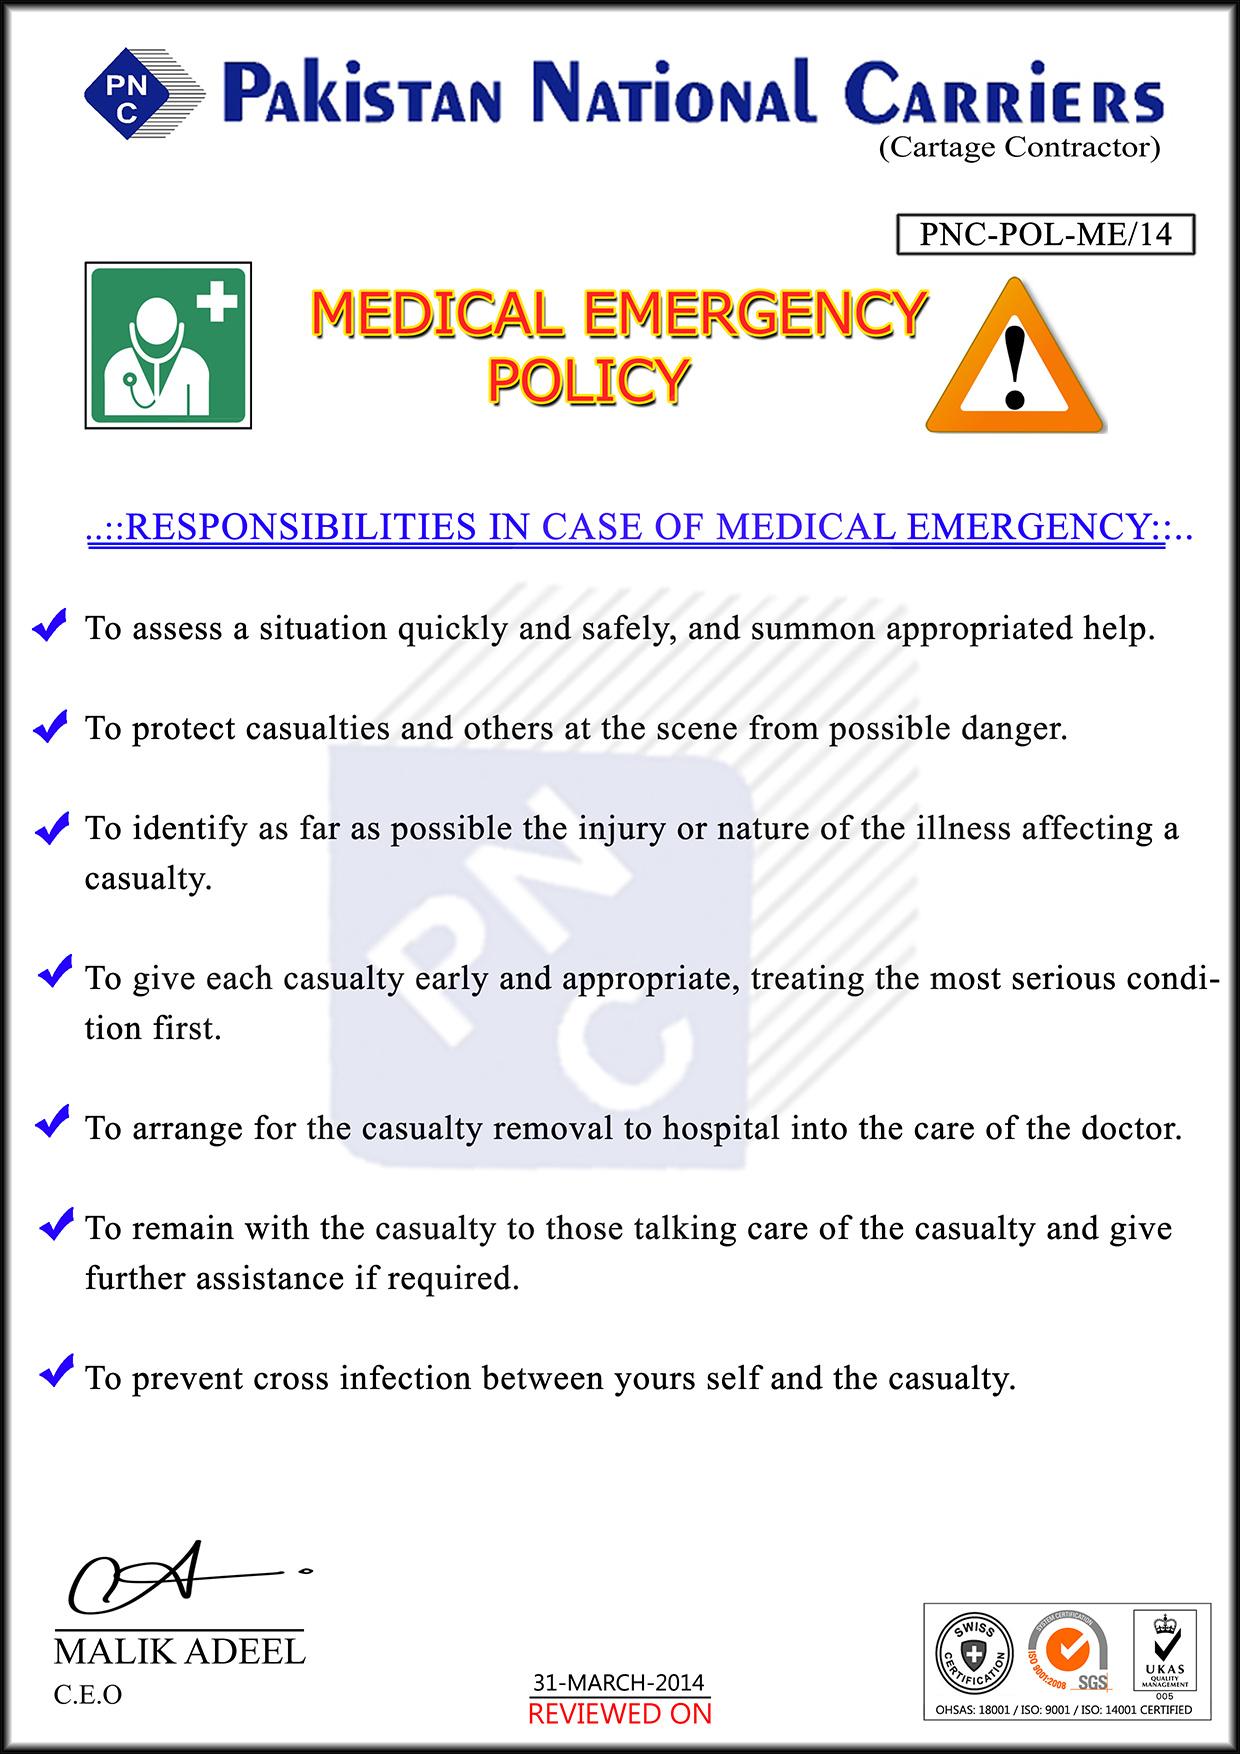 Medical-Emergency-POLICY